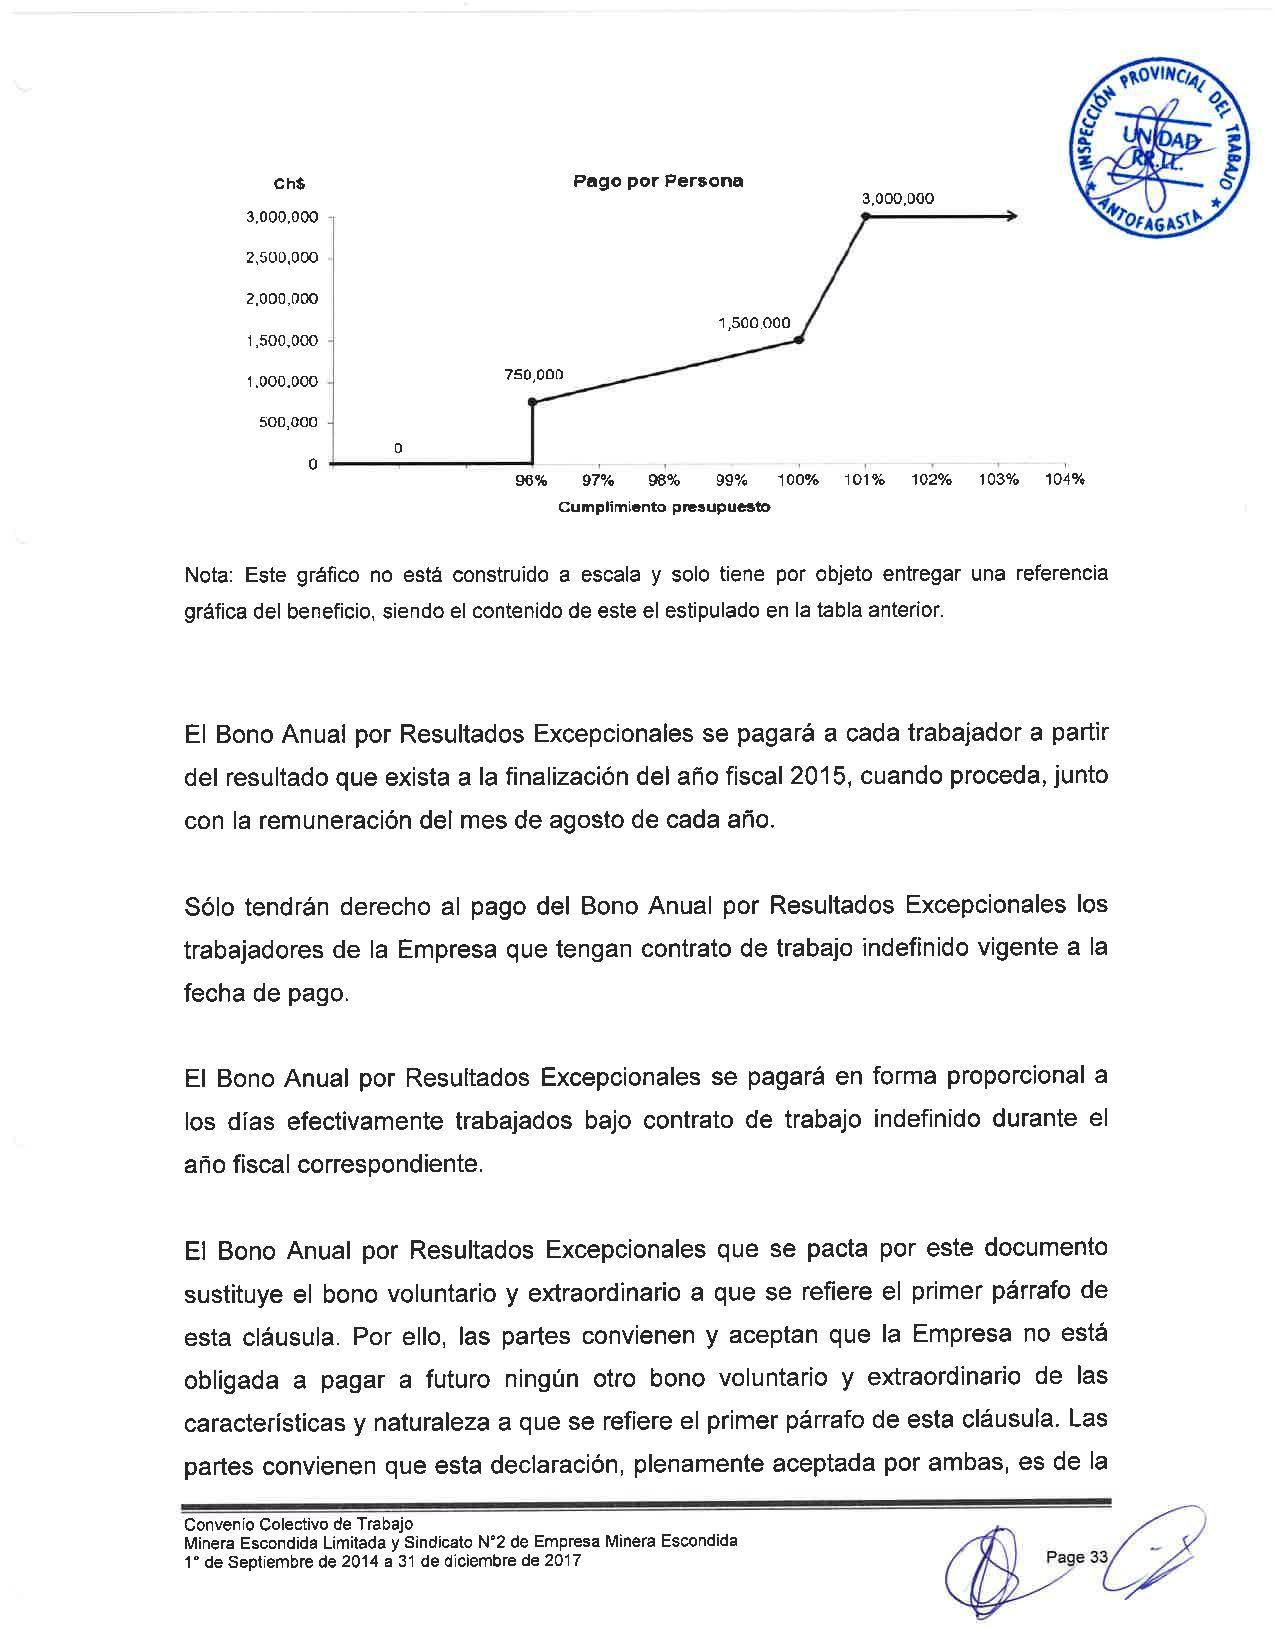 Página (33).jpg